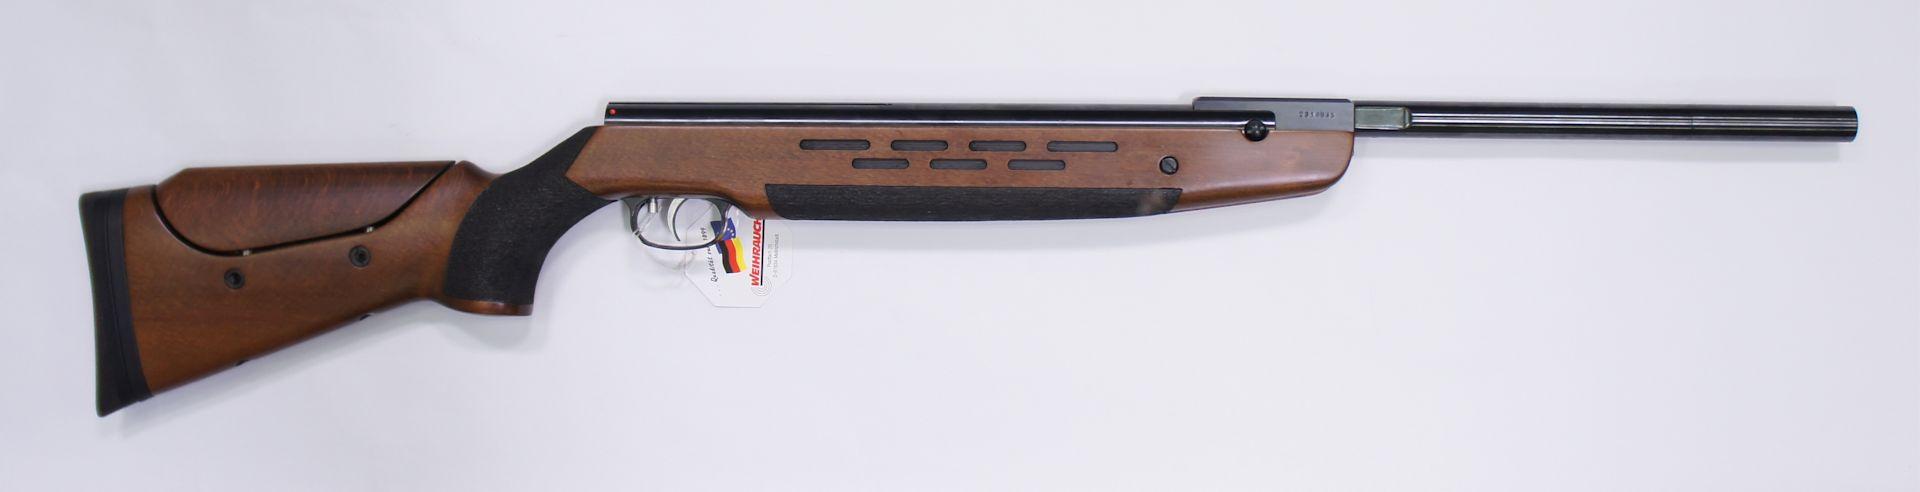 Luftgewehr HW 98  4,5mm F mit individuell verstellbarer Backe und Schaftkappe. Entgegen der Abbildung ist die verstrellbare Schaftkappe nun schwarz.